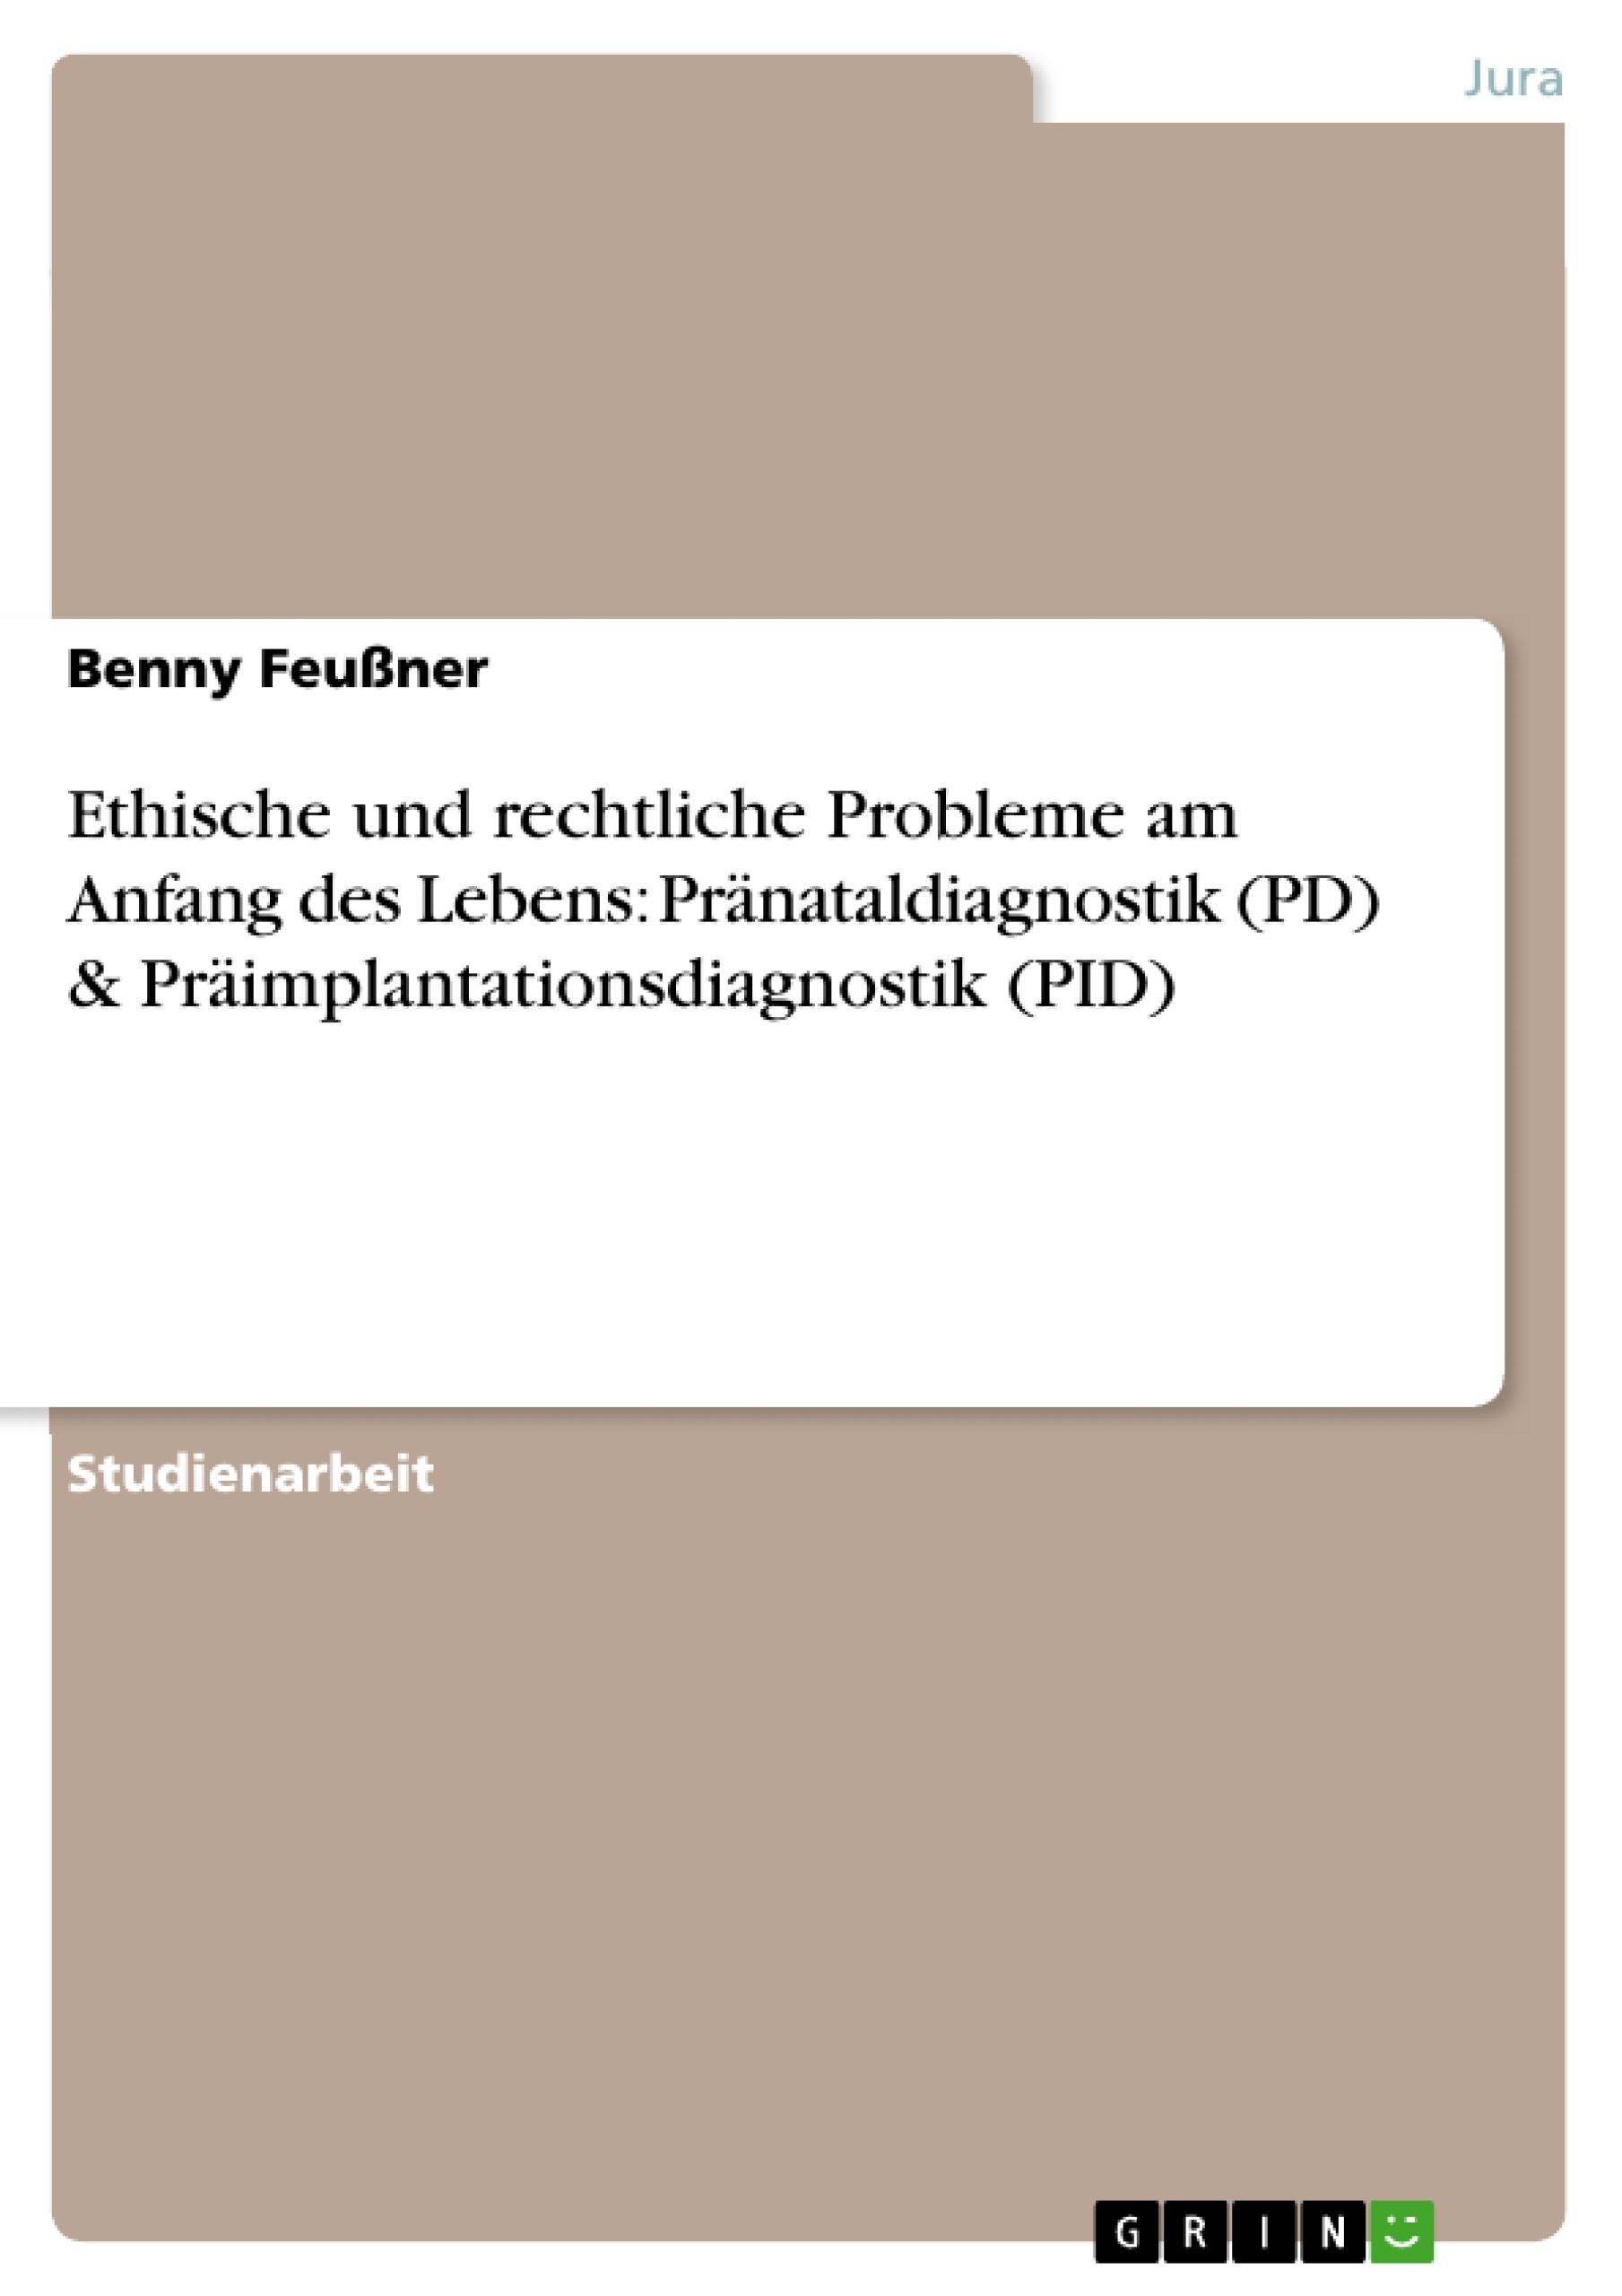 Titel: Ethische und rechtliche Probleme am Anfang des Lebens: Pränataldiagnostik (PD) & Präimplantationsdiagnostik (PID)